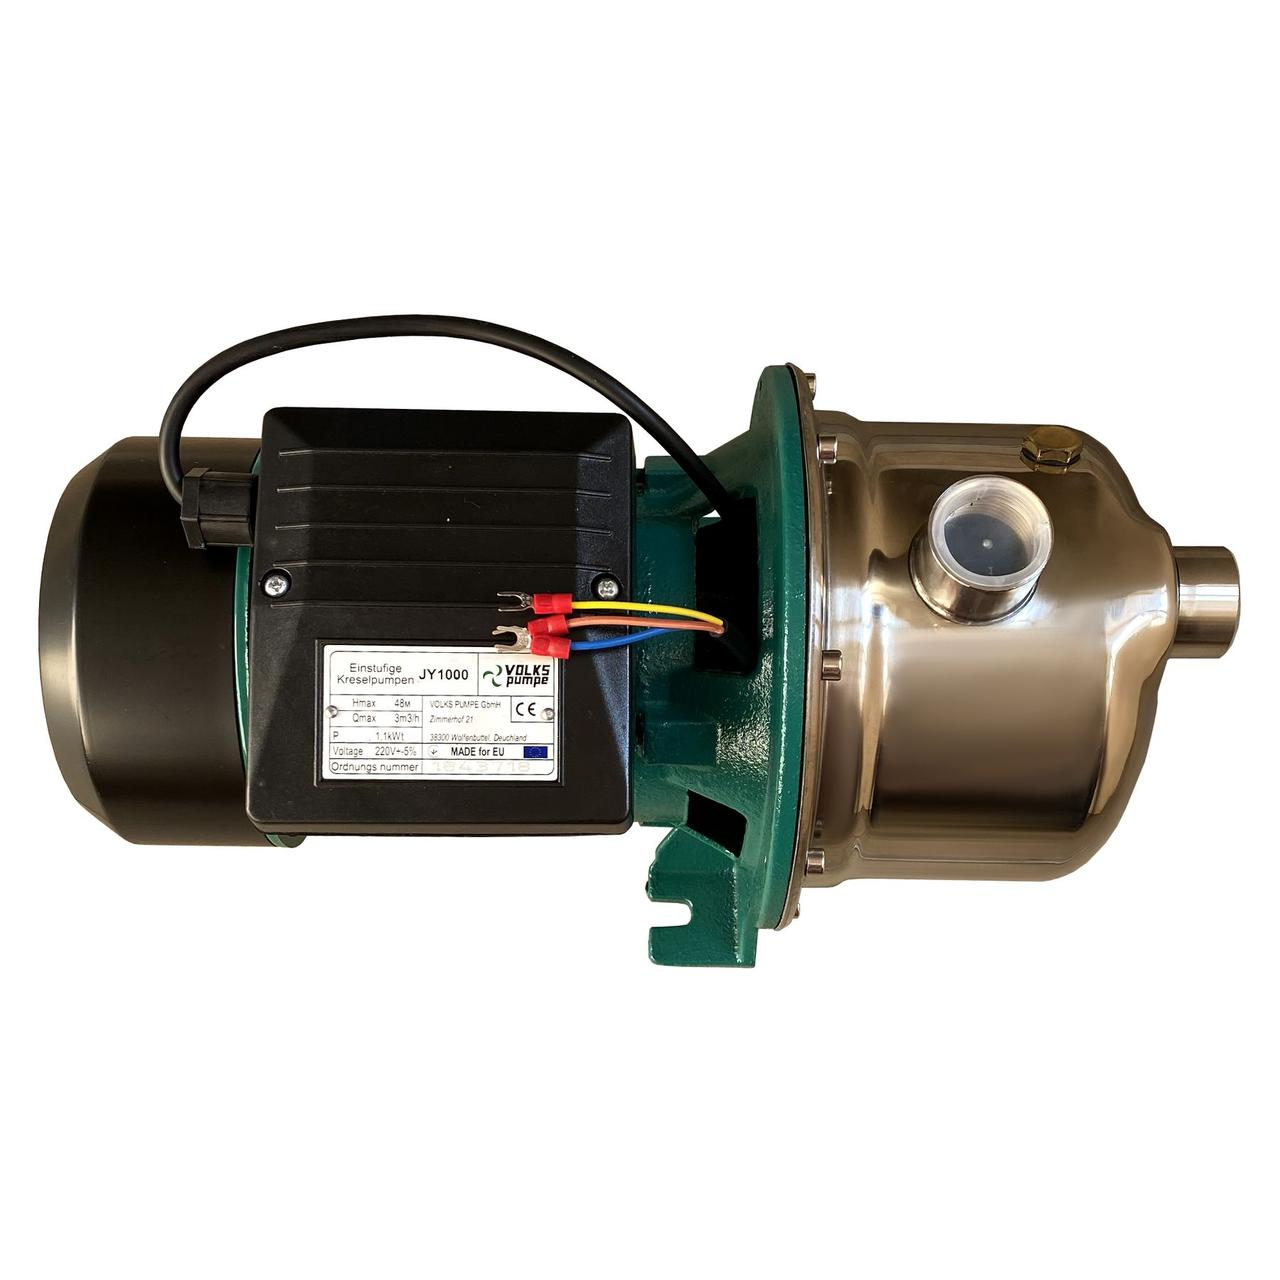 Насос центробежный Volks pumpe JY1000 1,1 кВт нержавейка